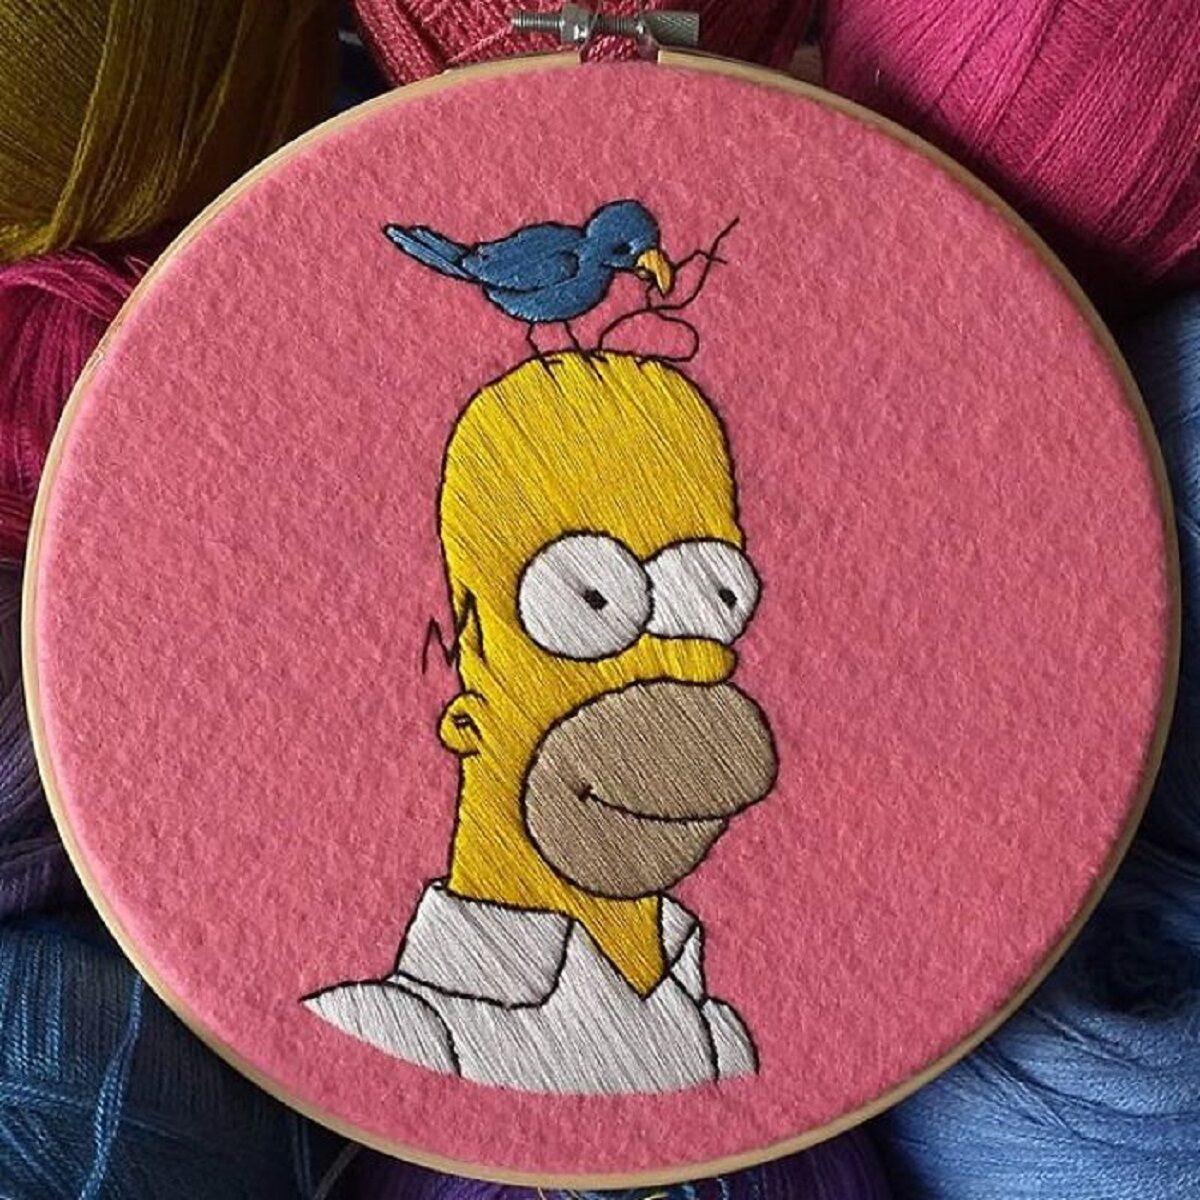 Artista Gabriela Martinez cria bordados de cenas de Os Simpsons 24